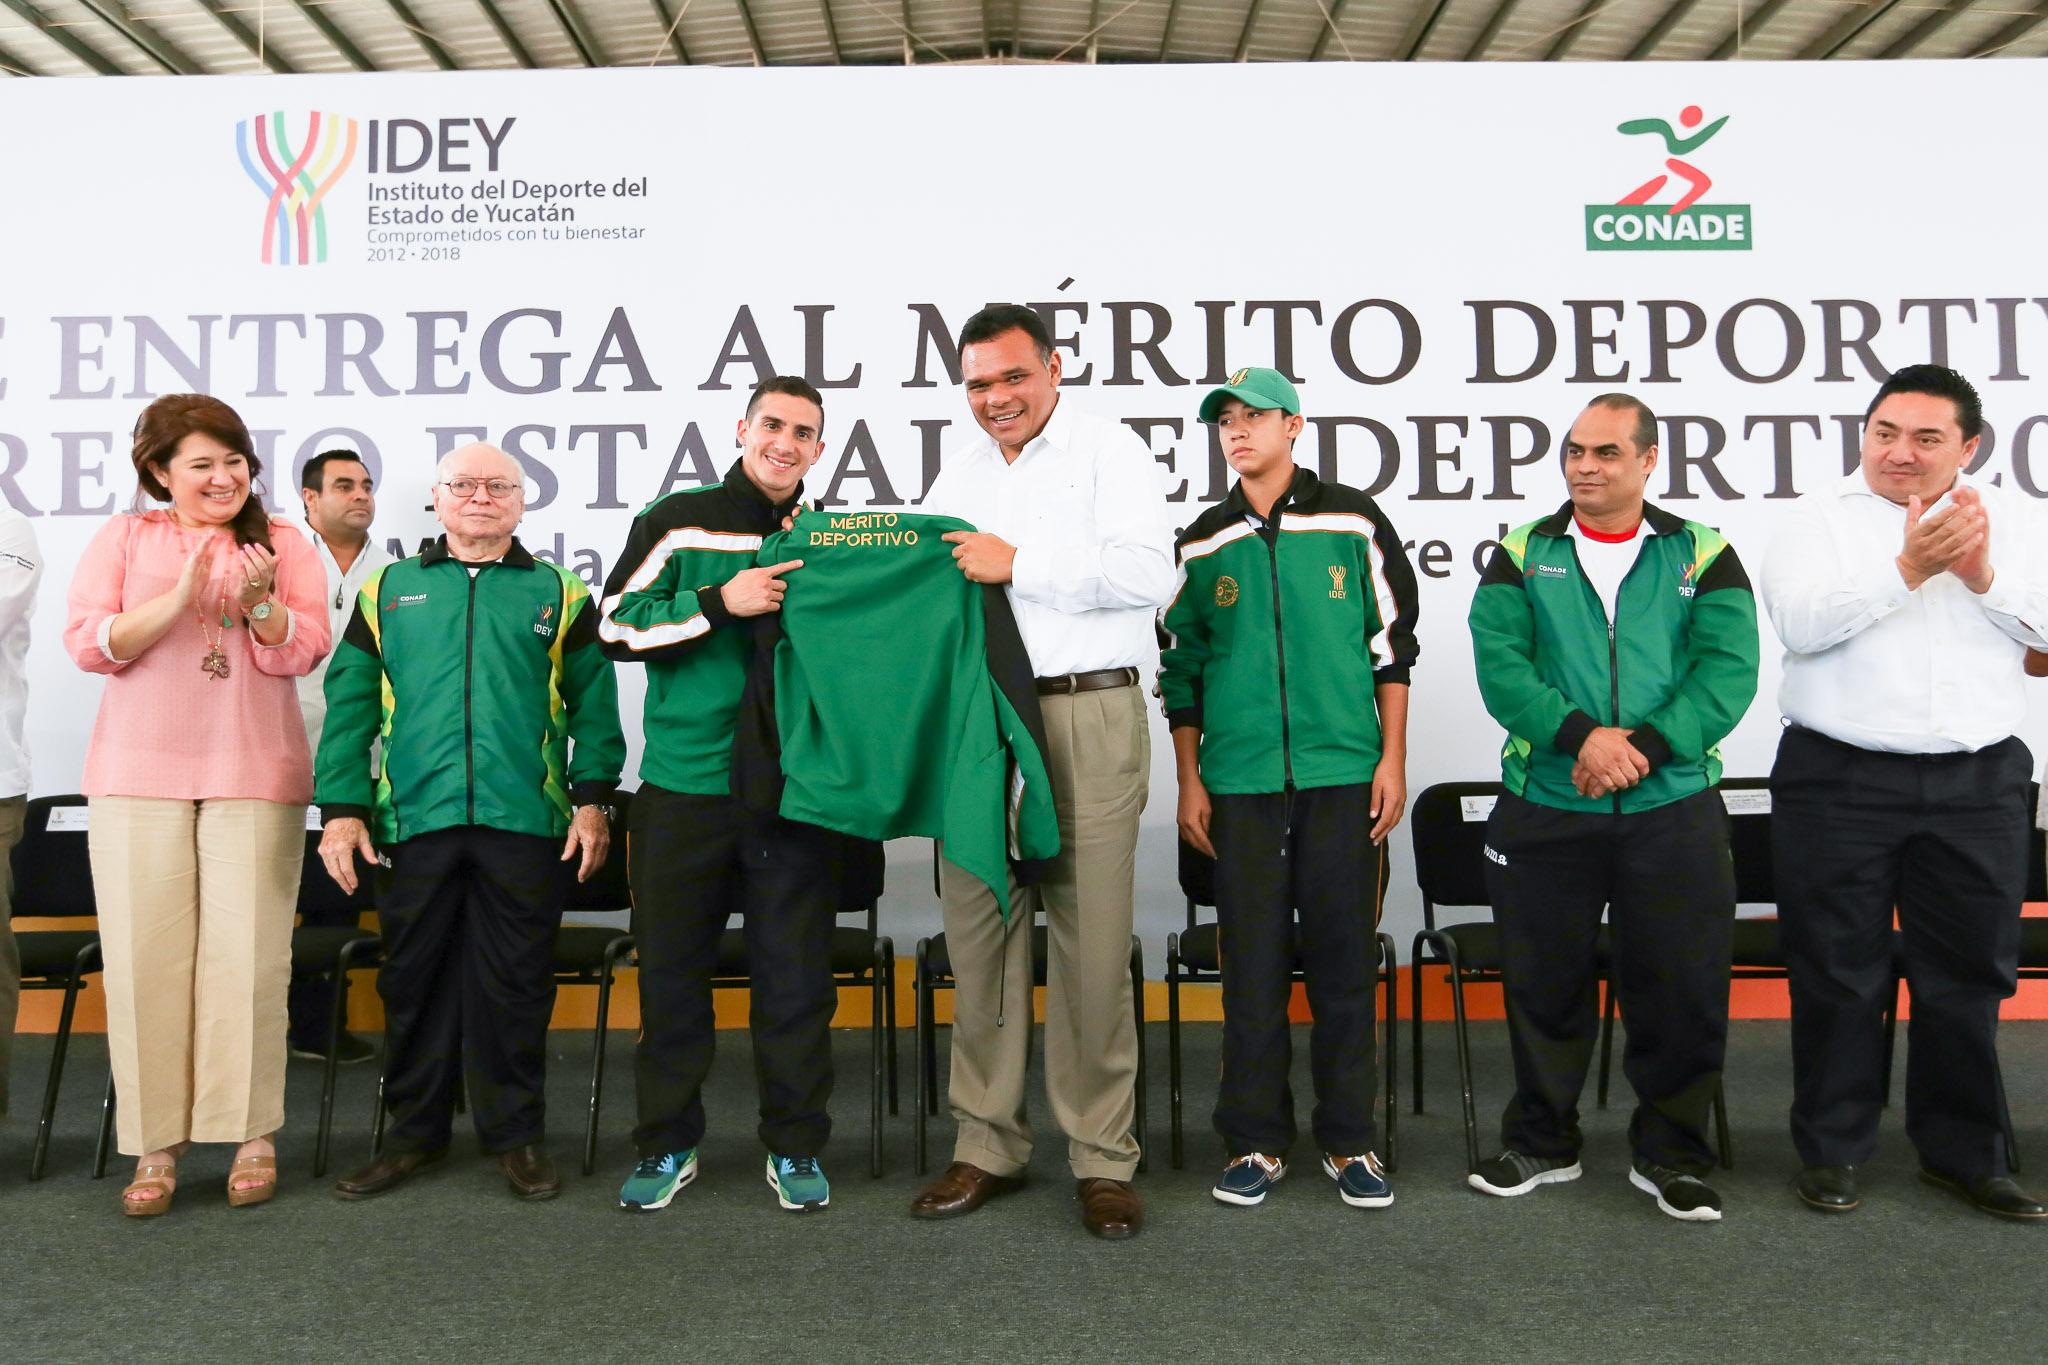 Entregan Mérito Deportivo yucateco y Premio Estatal del Deporte